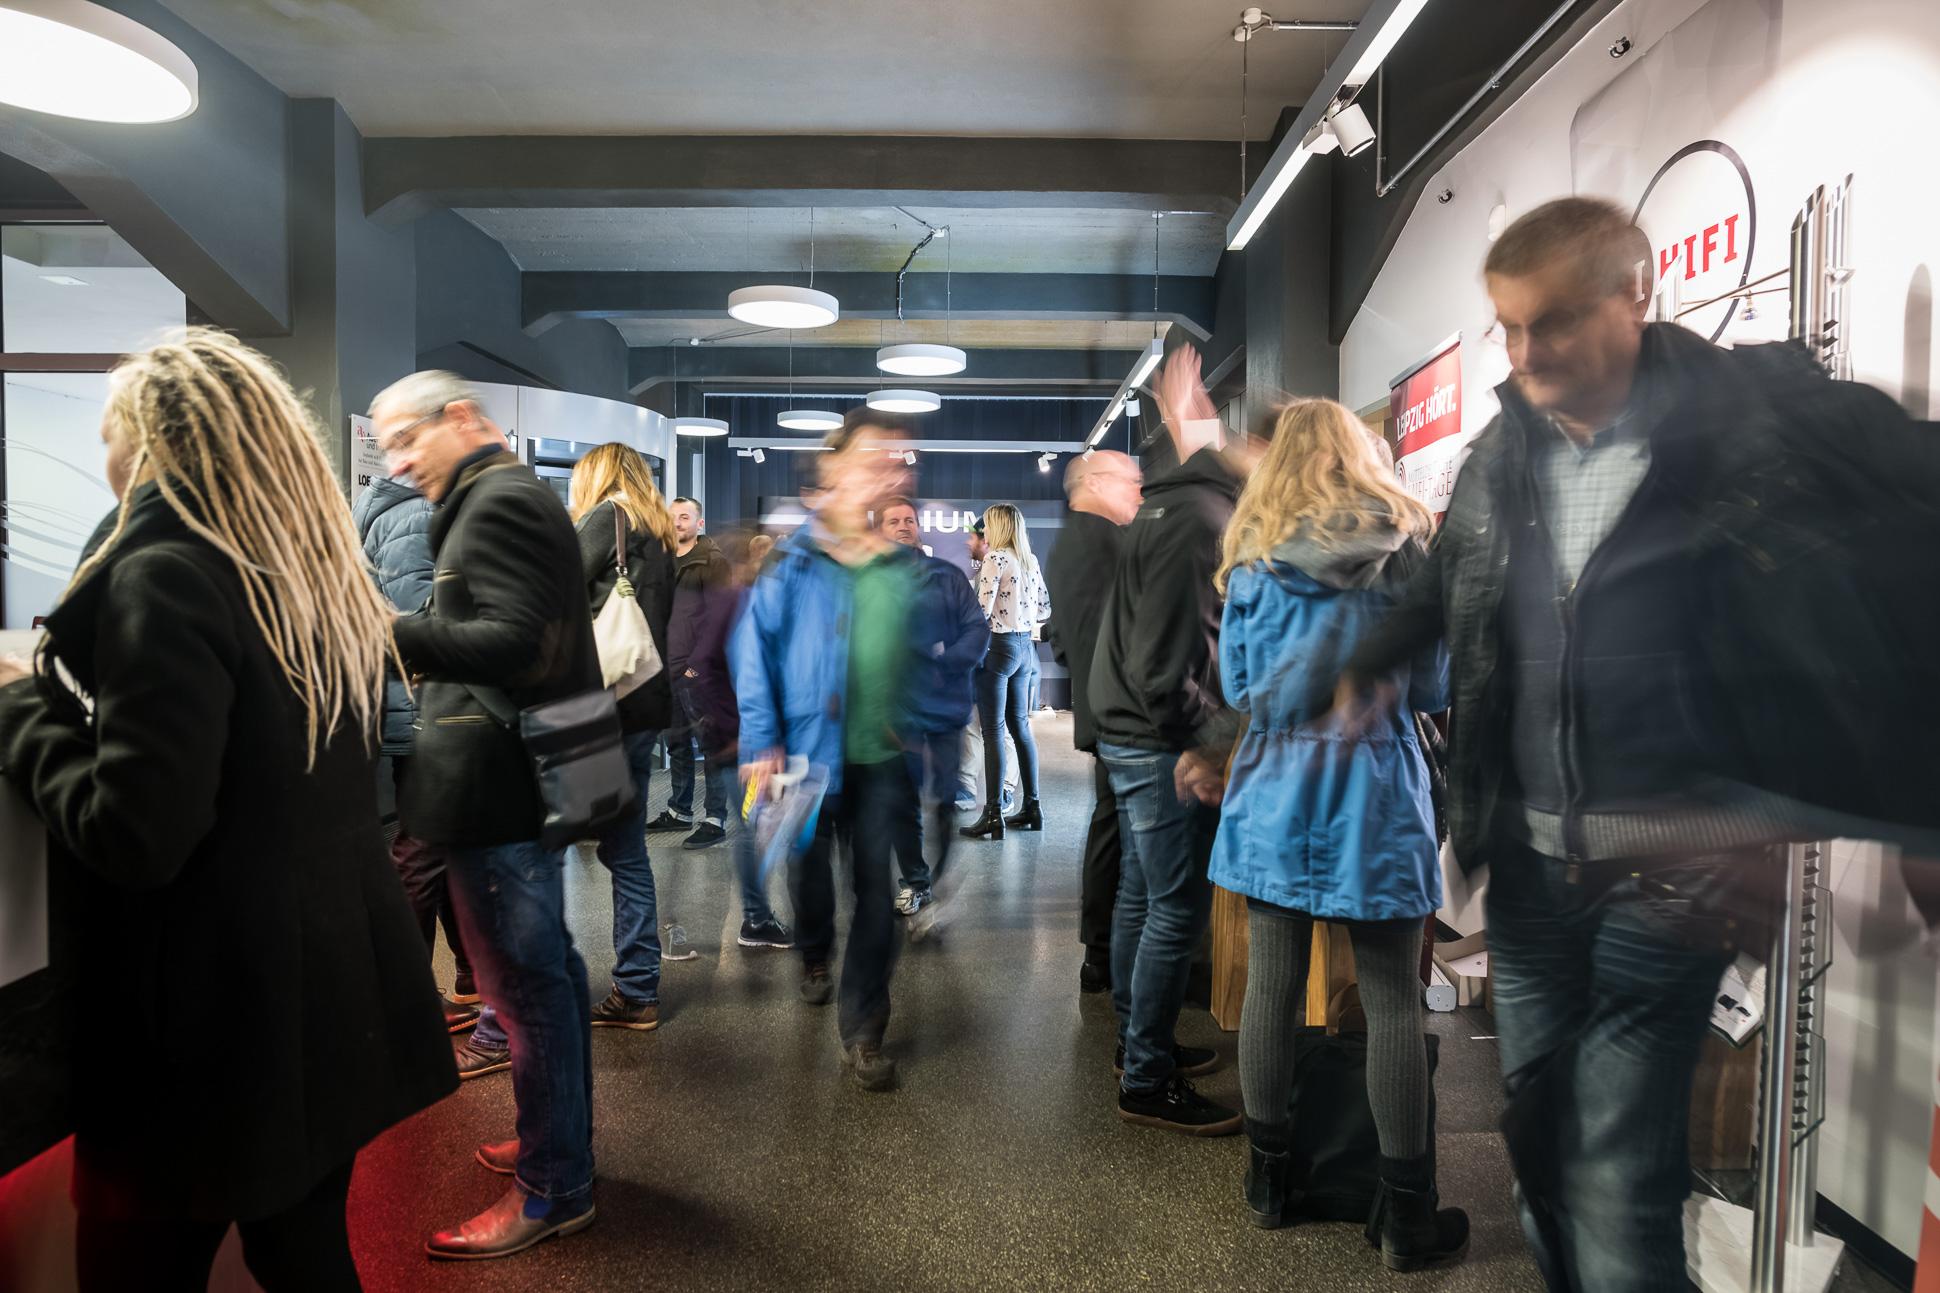 Volle Gänge und reges Treiben auf den Gängen und Fluren der Alten Handelsdruckerei. Knapp 2.600 Gäste kamen dieses Mal!